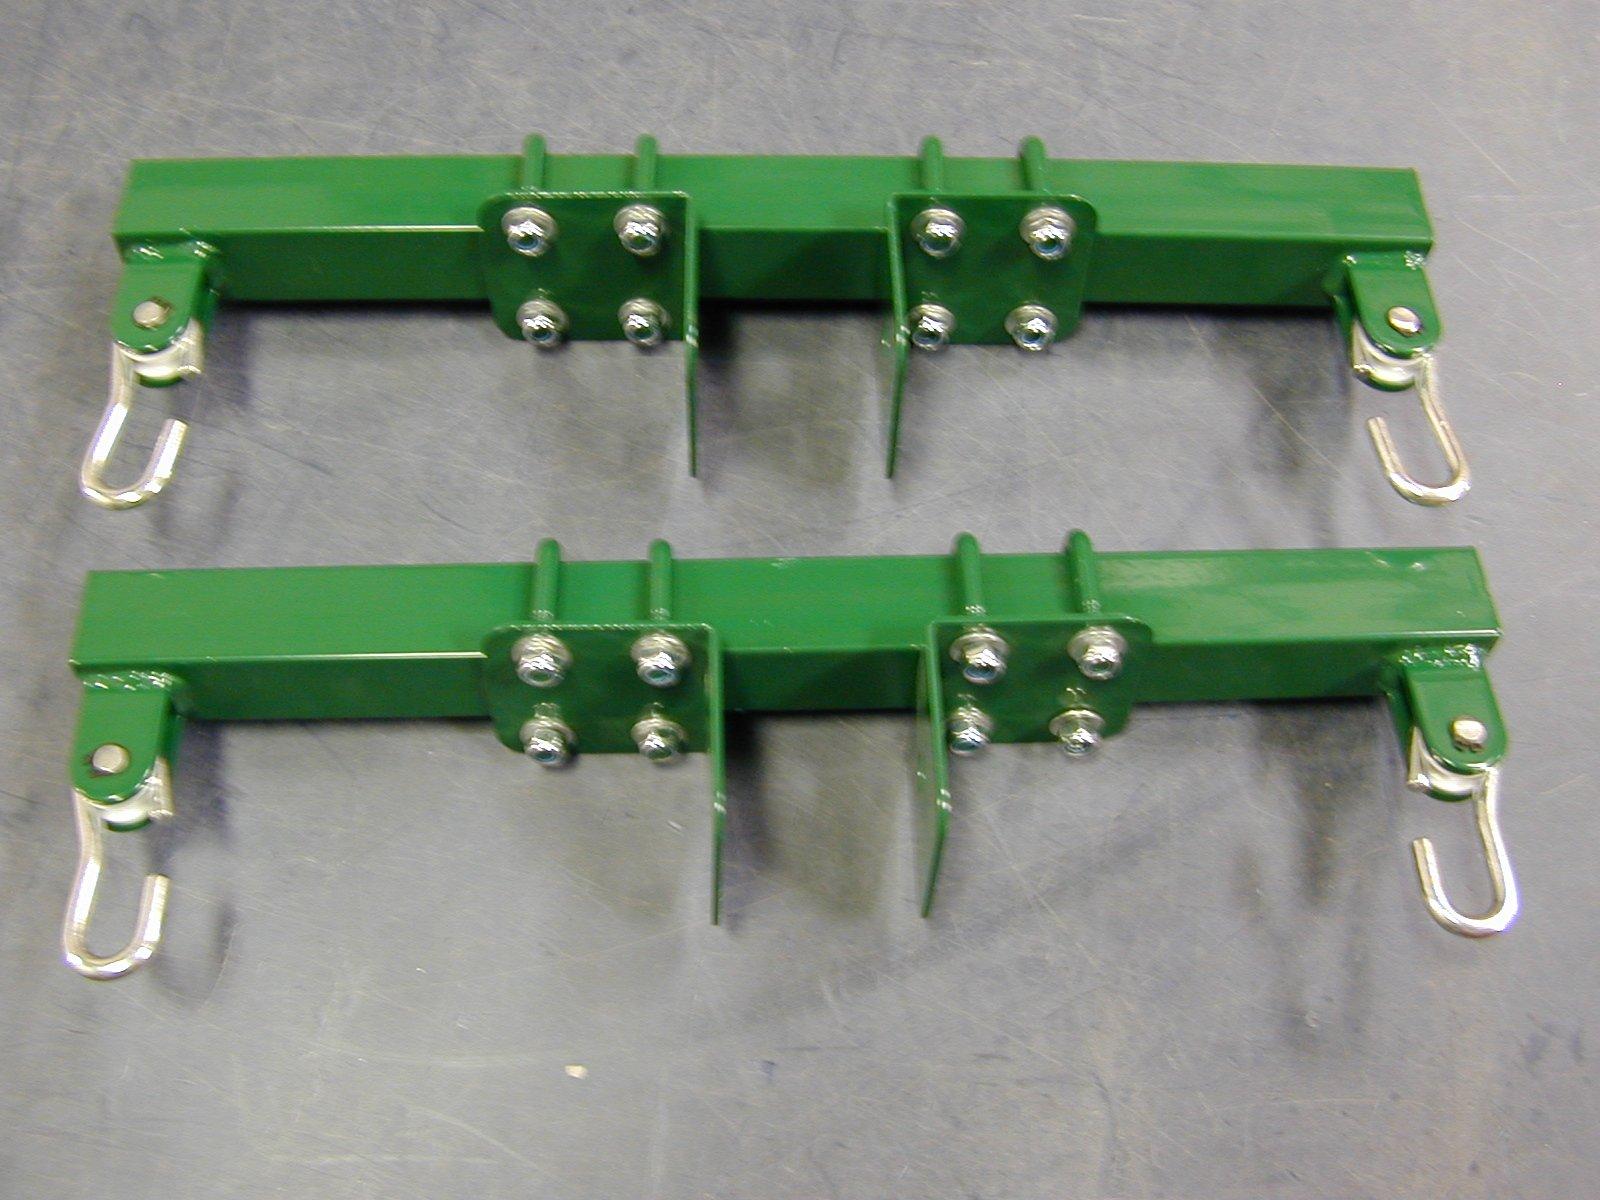 Adjustable Glider Bracket (pair) by swingsetaccessories.com by swingsetaccessories.com